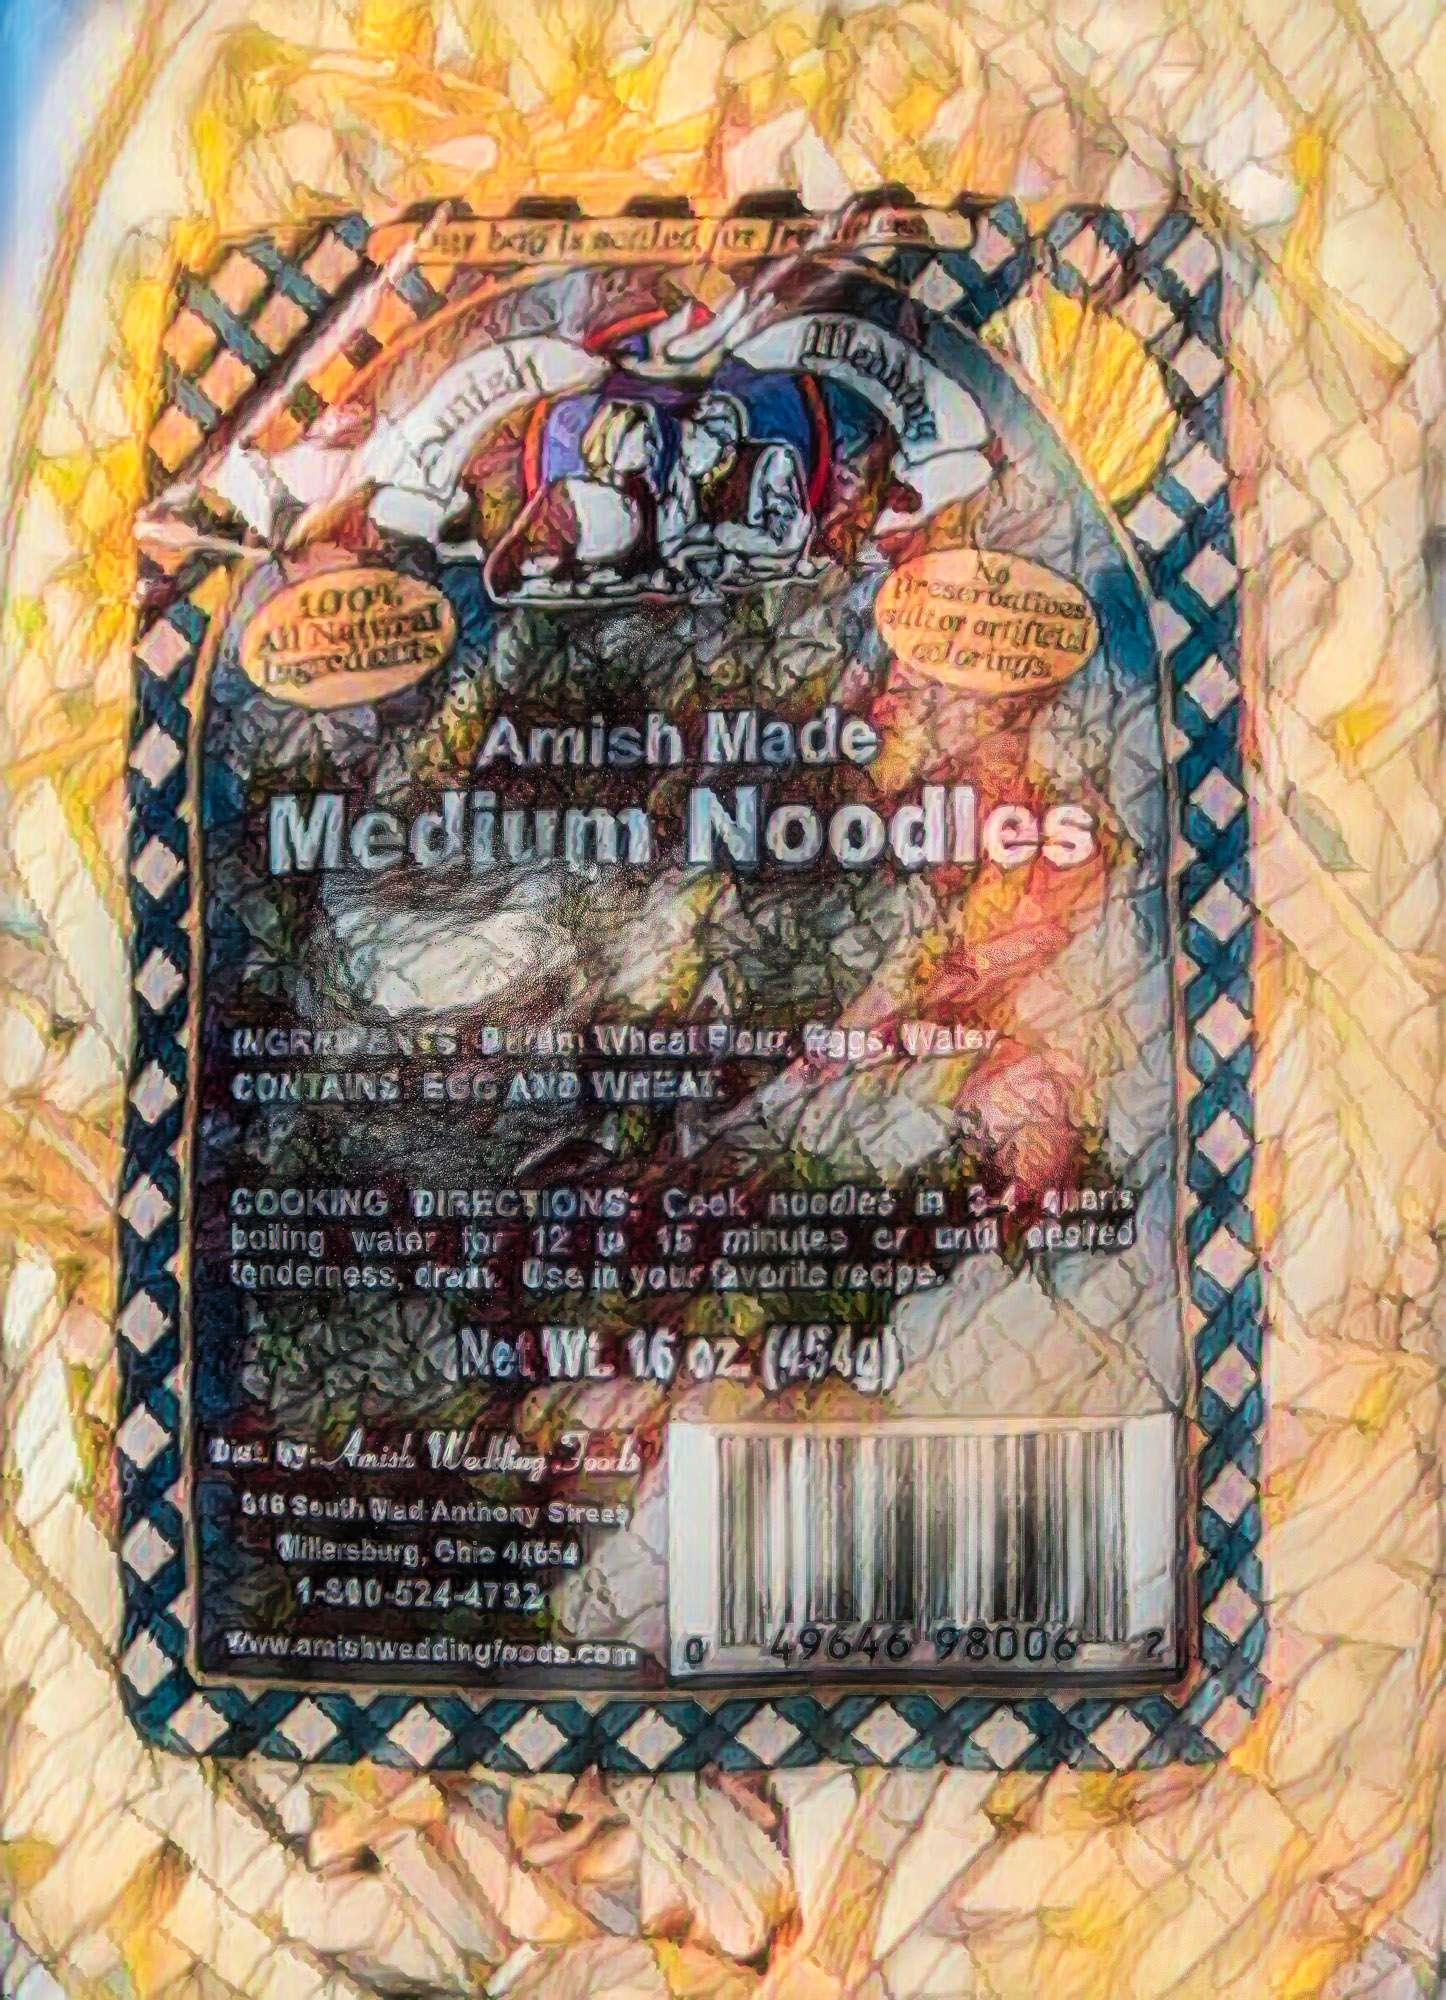 Al Wood - Food